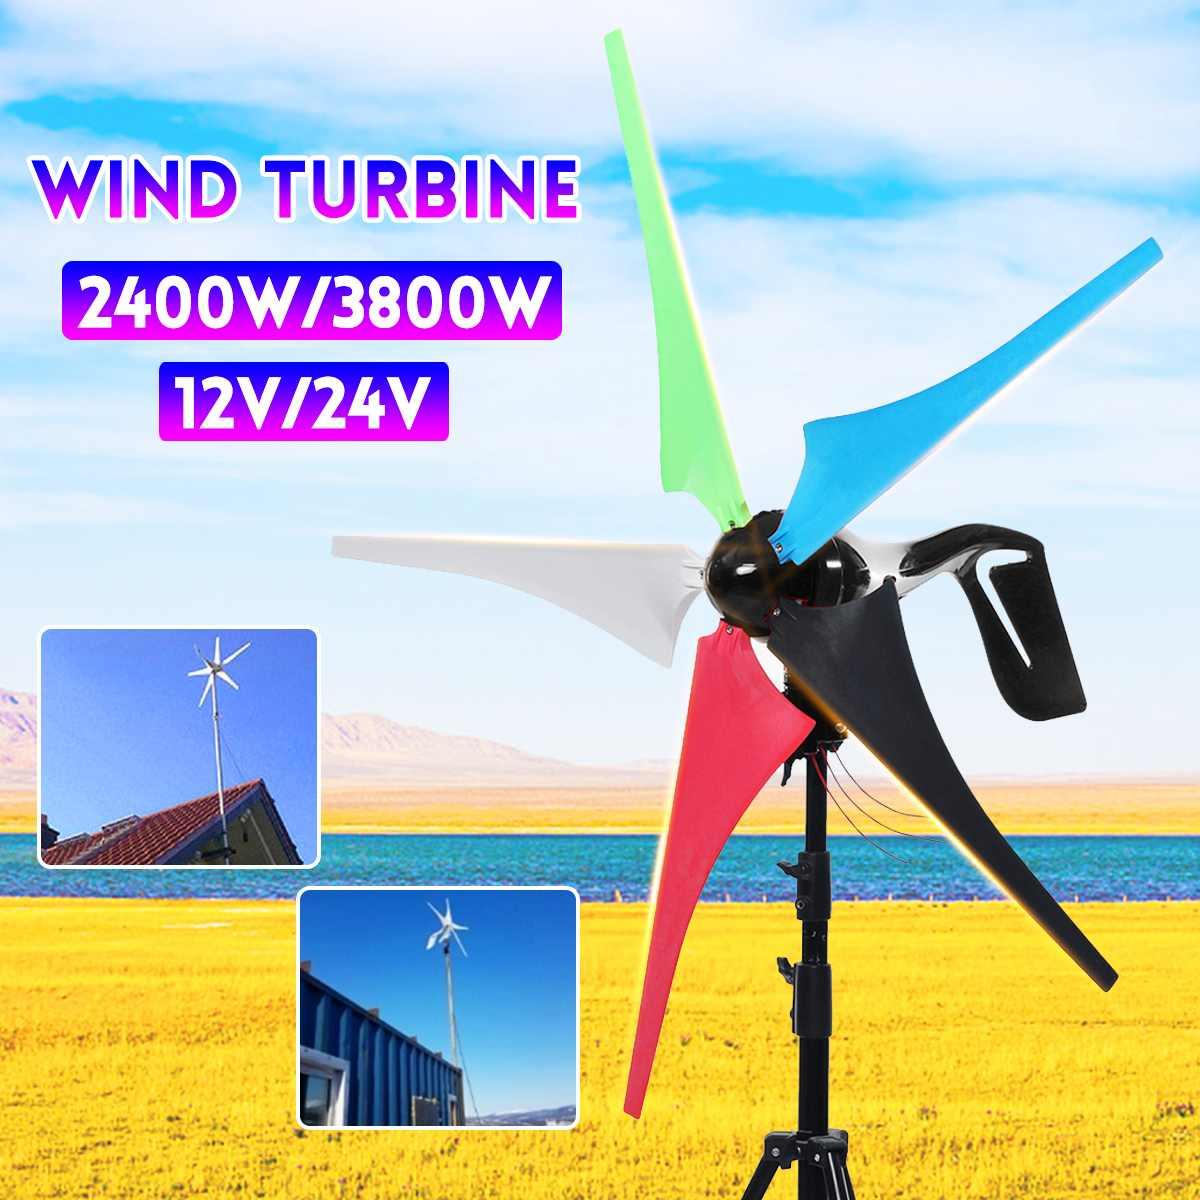 2400/3800W générateur de vent 12/24V générateur de vent domestique contrôleur de vent cadeau gratuit présent ensemble accessoires de montage